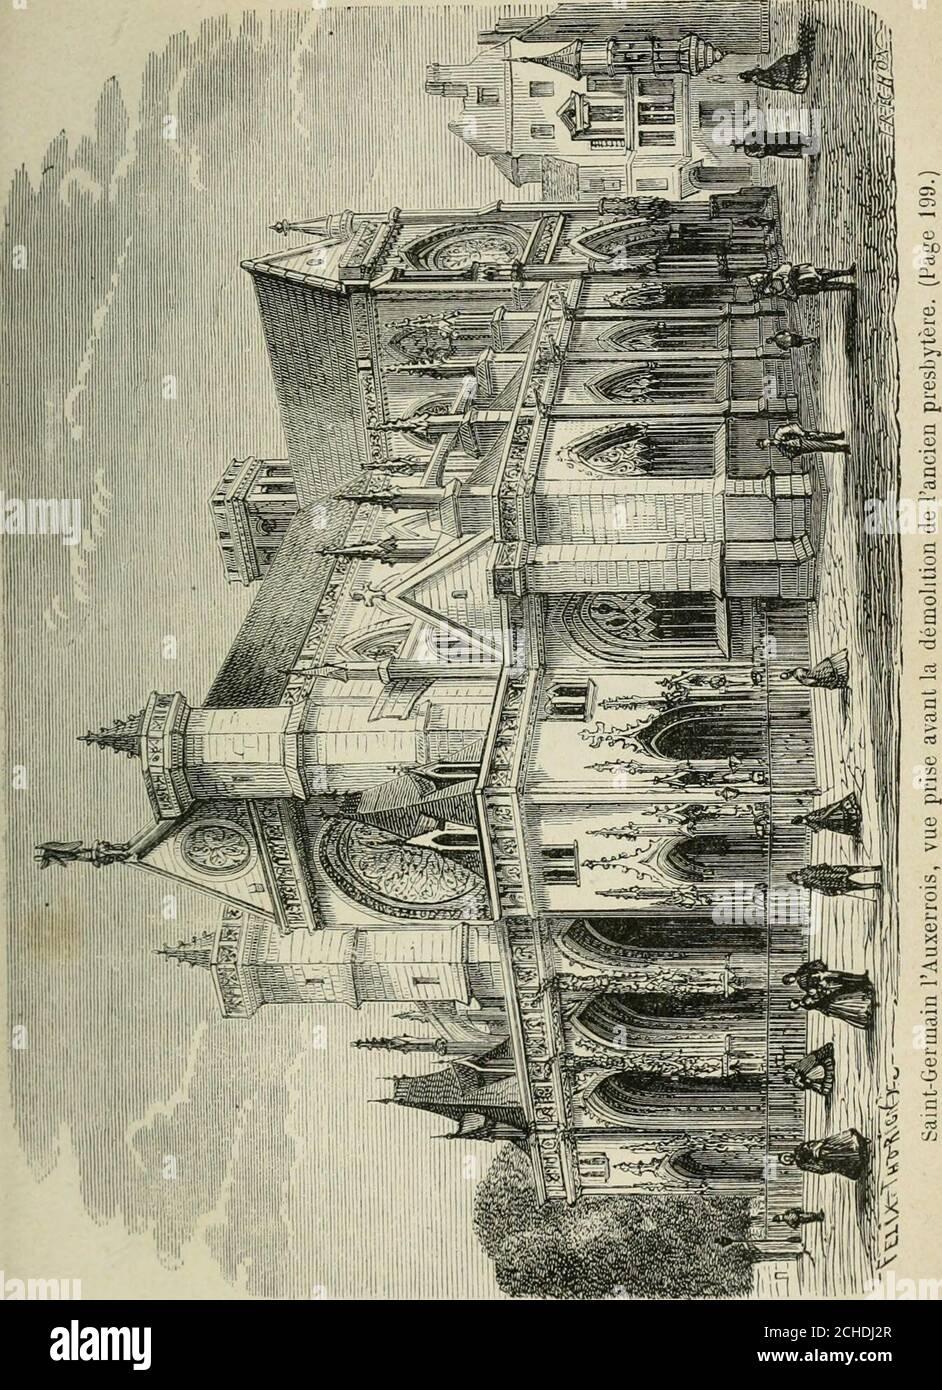 . Les merveilles du nouveau Paris-- . a été bâtie à différentes épo-ques : on y travaillait en 1347, on lagrandit en 1489; quel-ques parties de lintérieur datent du onzième siècle, presquetout date du quinzième; cependant la trace du dix-septièmese fait aussi sentir dans plusieurs détails de lornementa-tion. Le maître-autel, dont il ne reste quun débris, a été exé-cuté par Baptiste Tubi, sur les dessins de Charles le Brun. Le magnifique buffet dorgues date de 1447. Les cendres de Pasquier et des frères Sainte-Marthe re-posent dans cette église. Léglise Saint-Gervais, commencée vers lan 1212, f Stock Photo